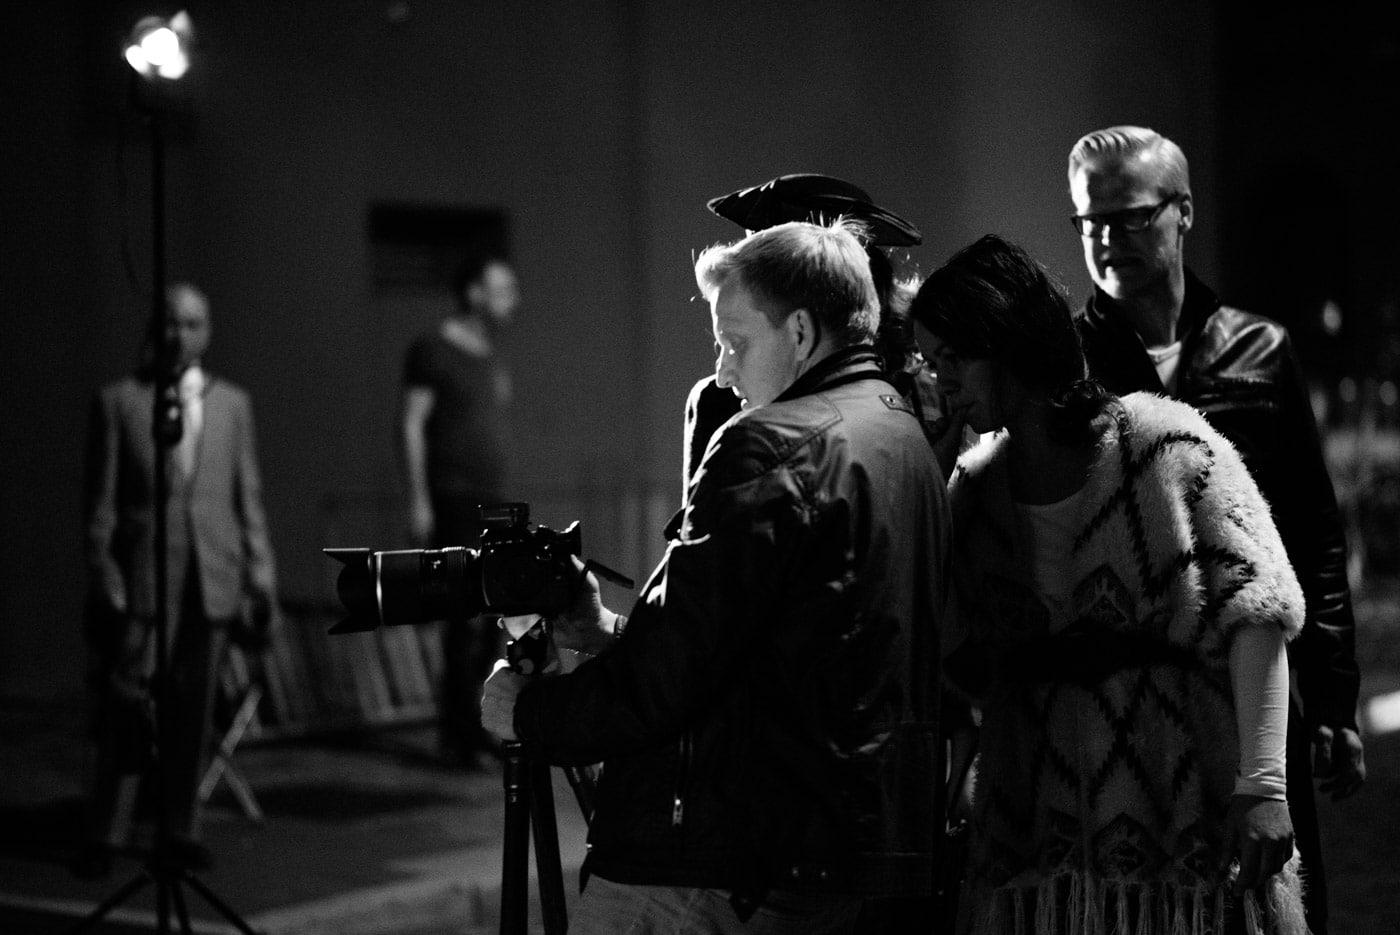 behind_the_scenes_cinephonie_noir-13